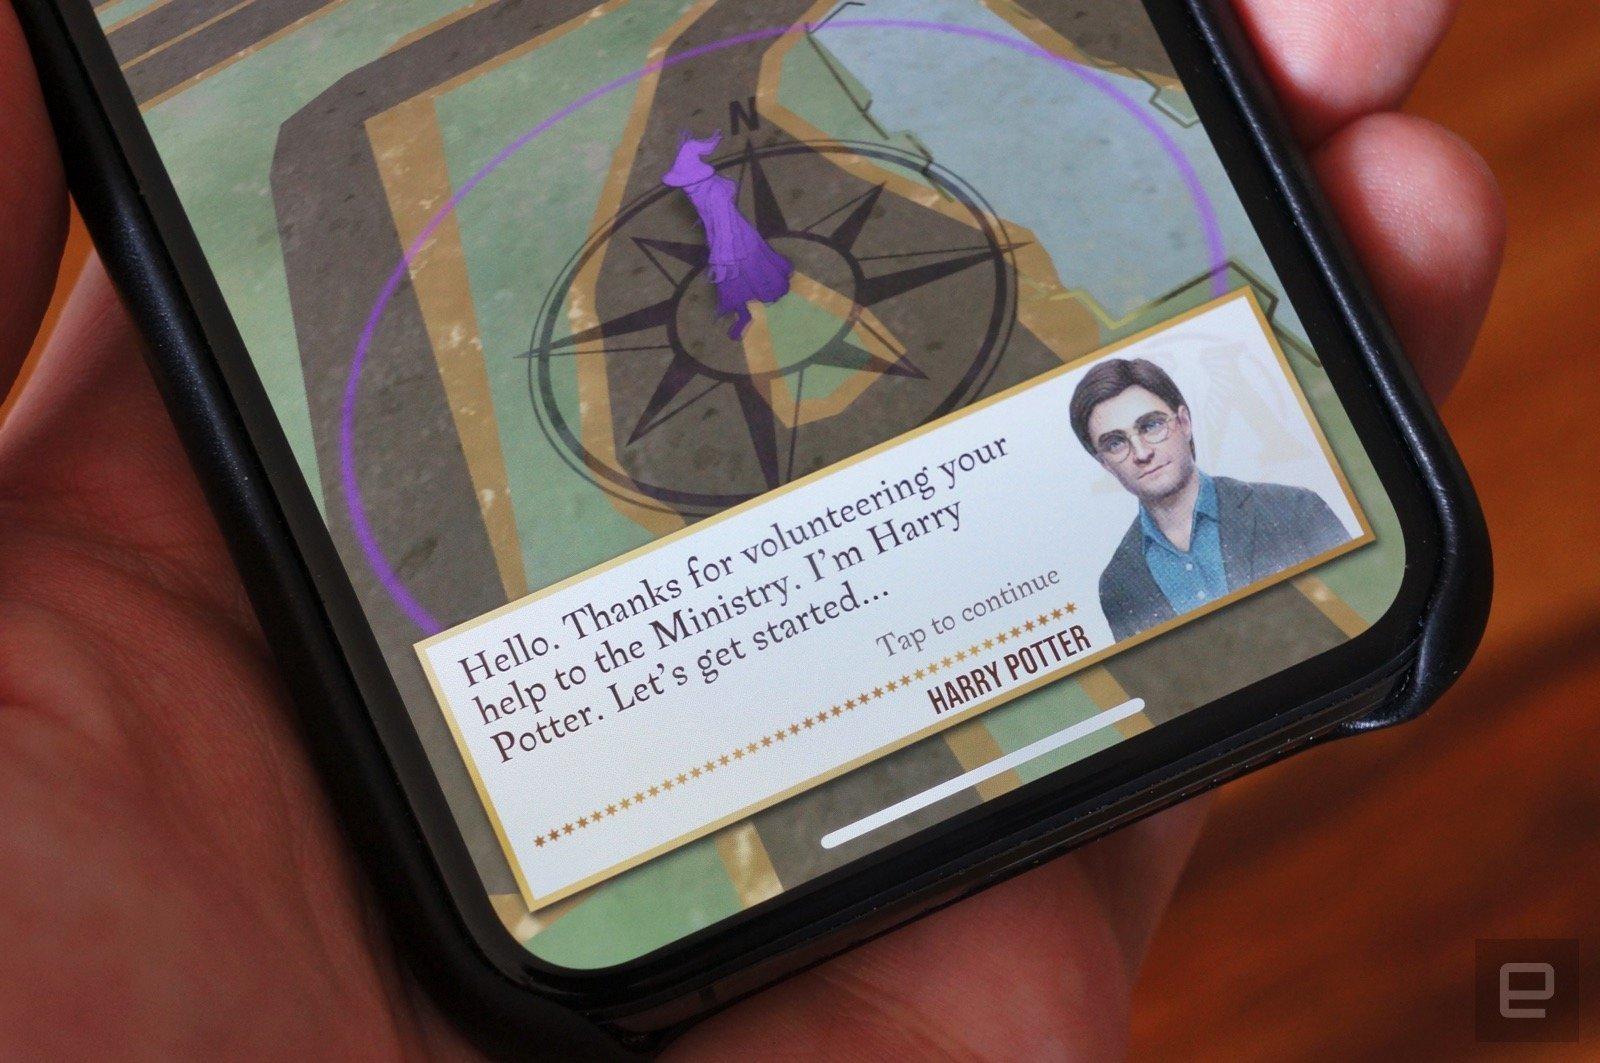 بازی Harry Potter: Wizards Unite به 25 کشور جدید میآید